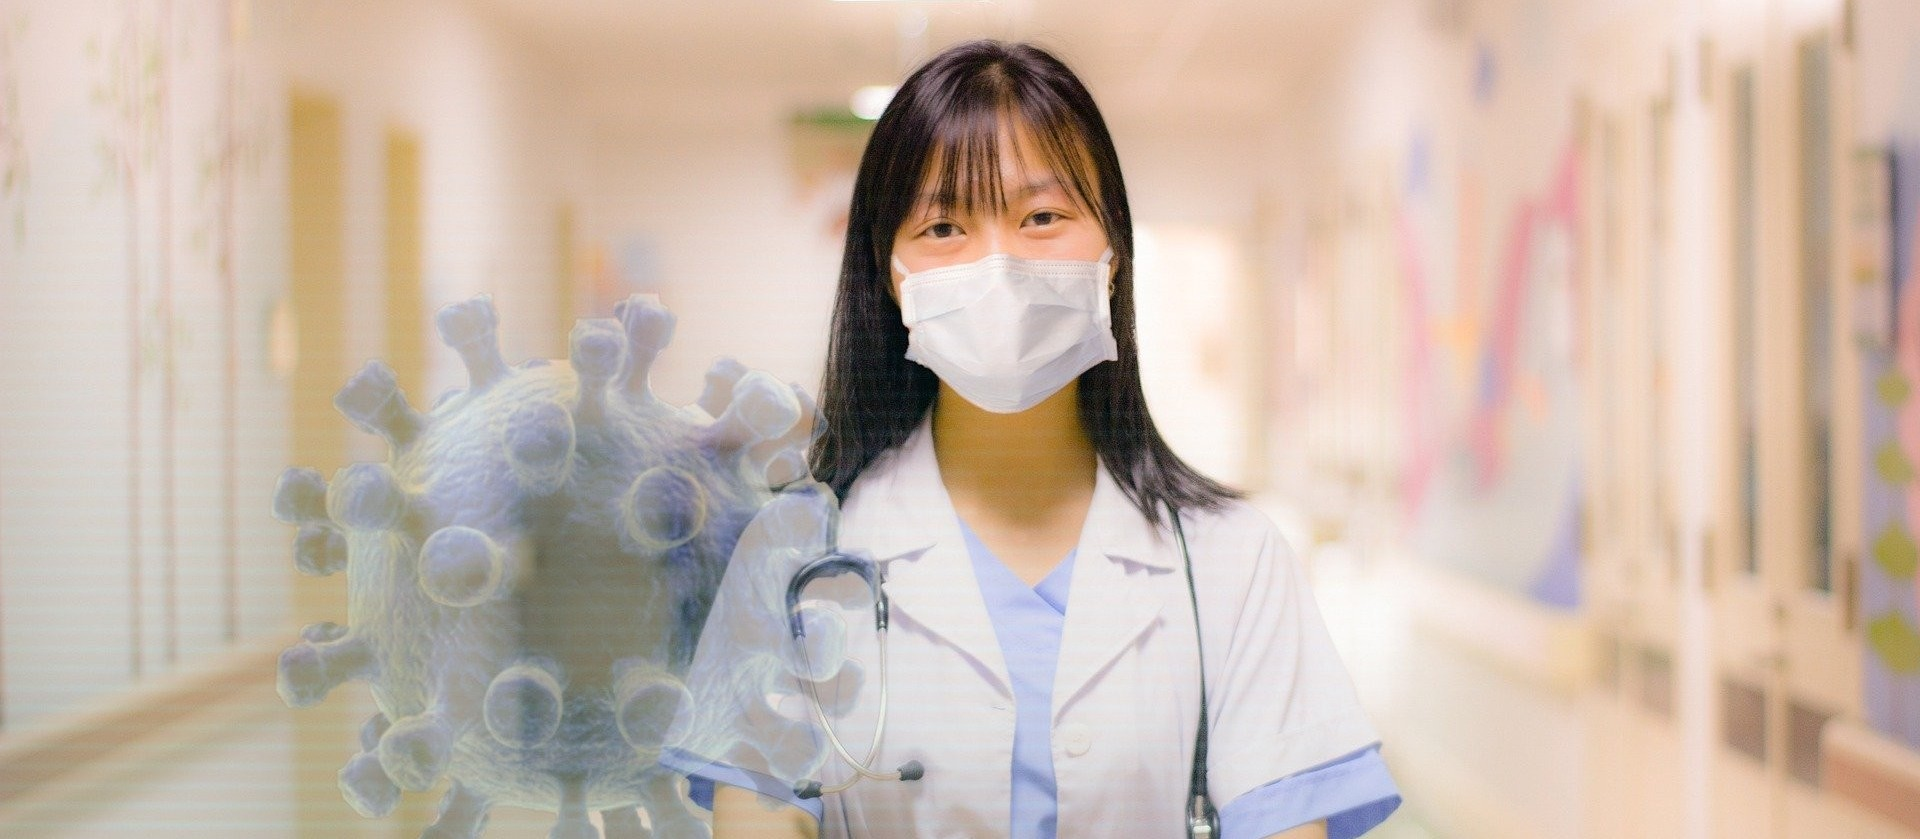 Comissão da UFPR divulga nota técnica sobre evolução da pandemia